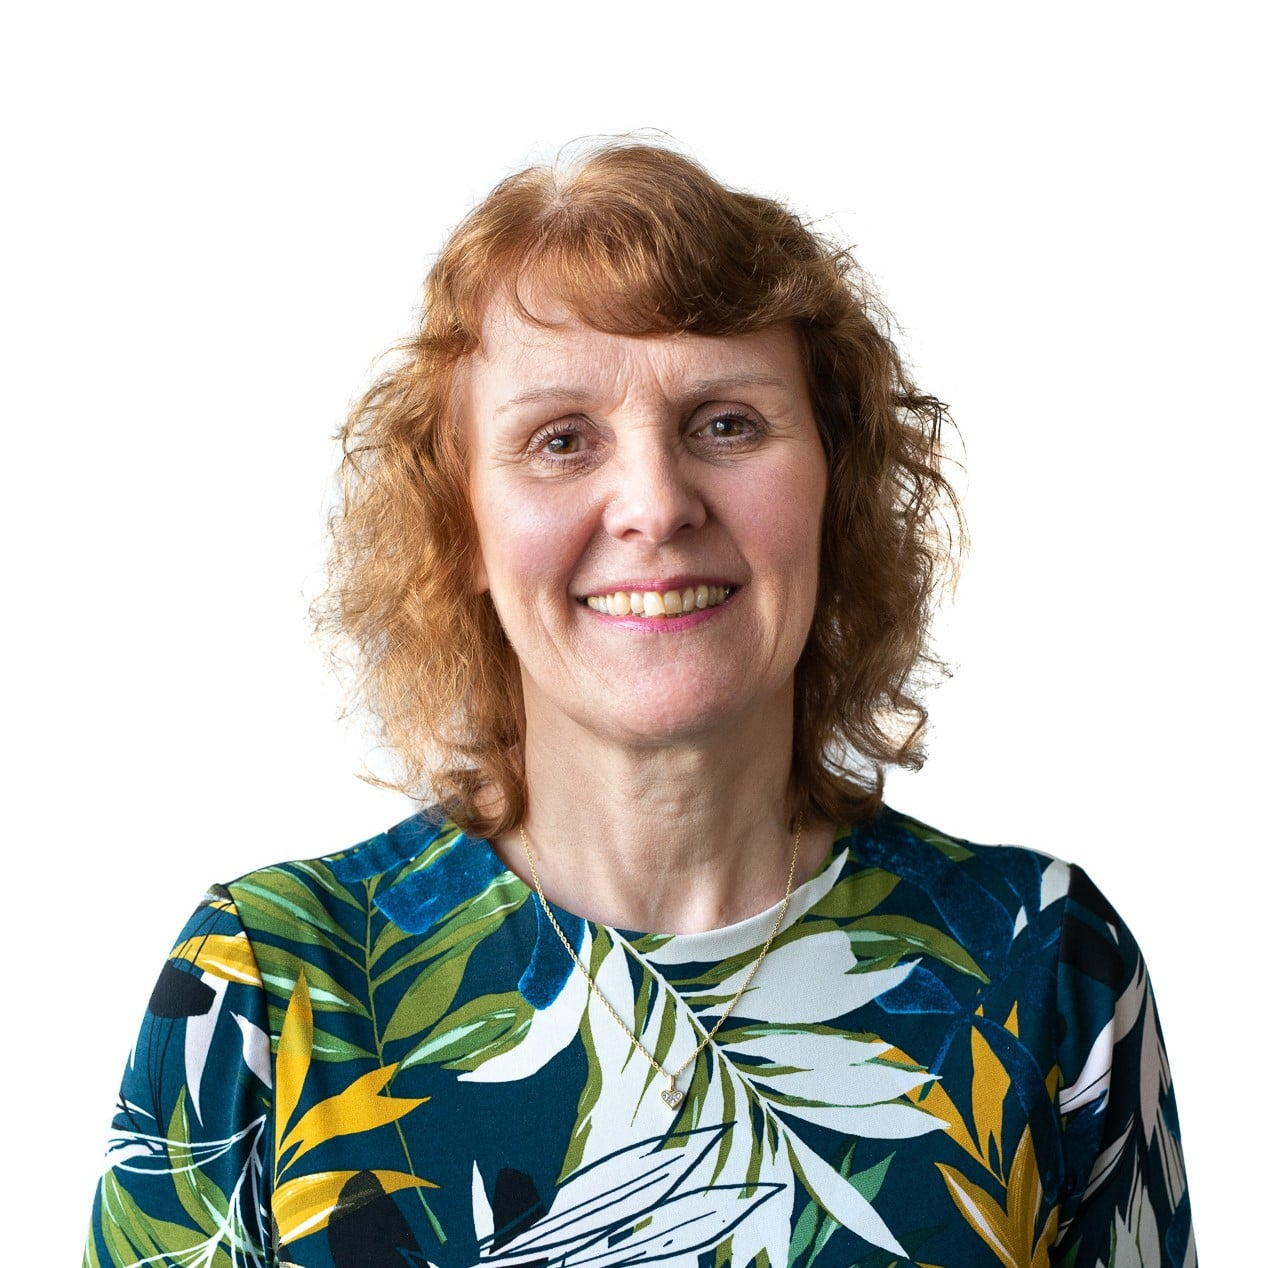 Gillian Perris